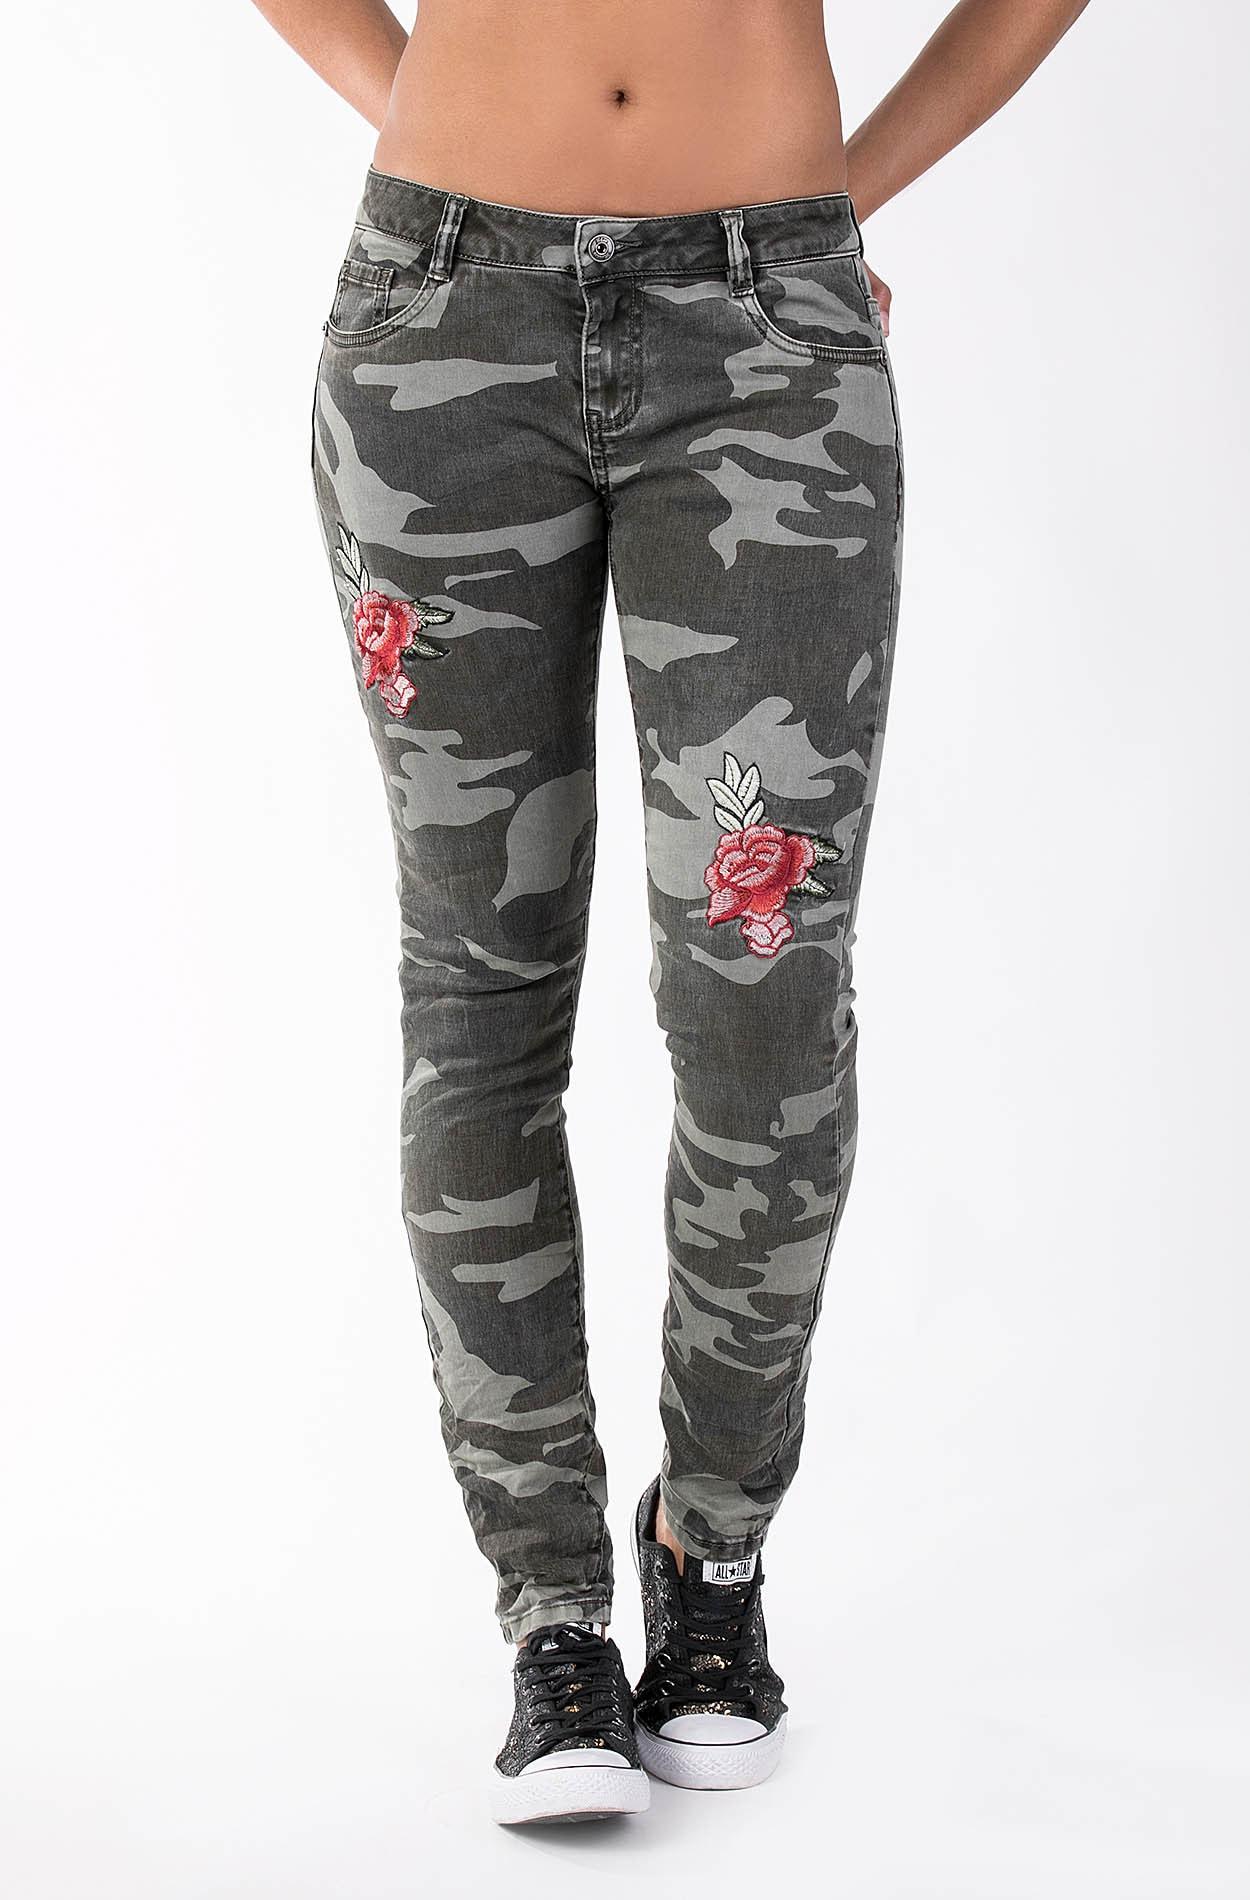 Damen Skinny Jeans Honey 1820 Camouflage Länge 32 Blue Monkey